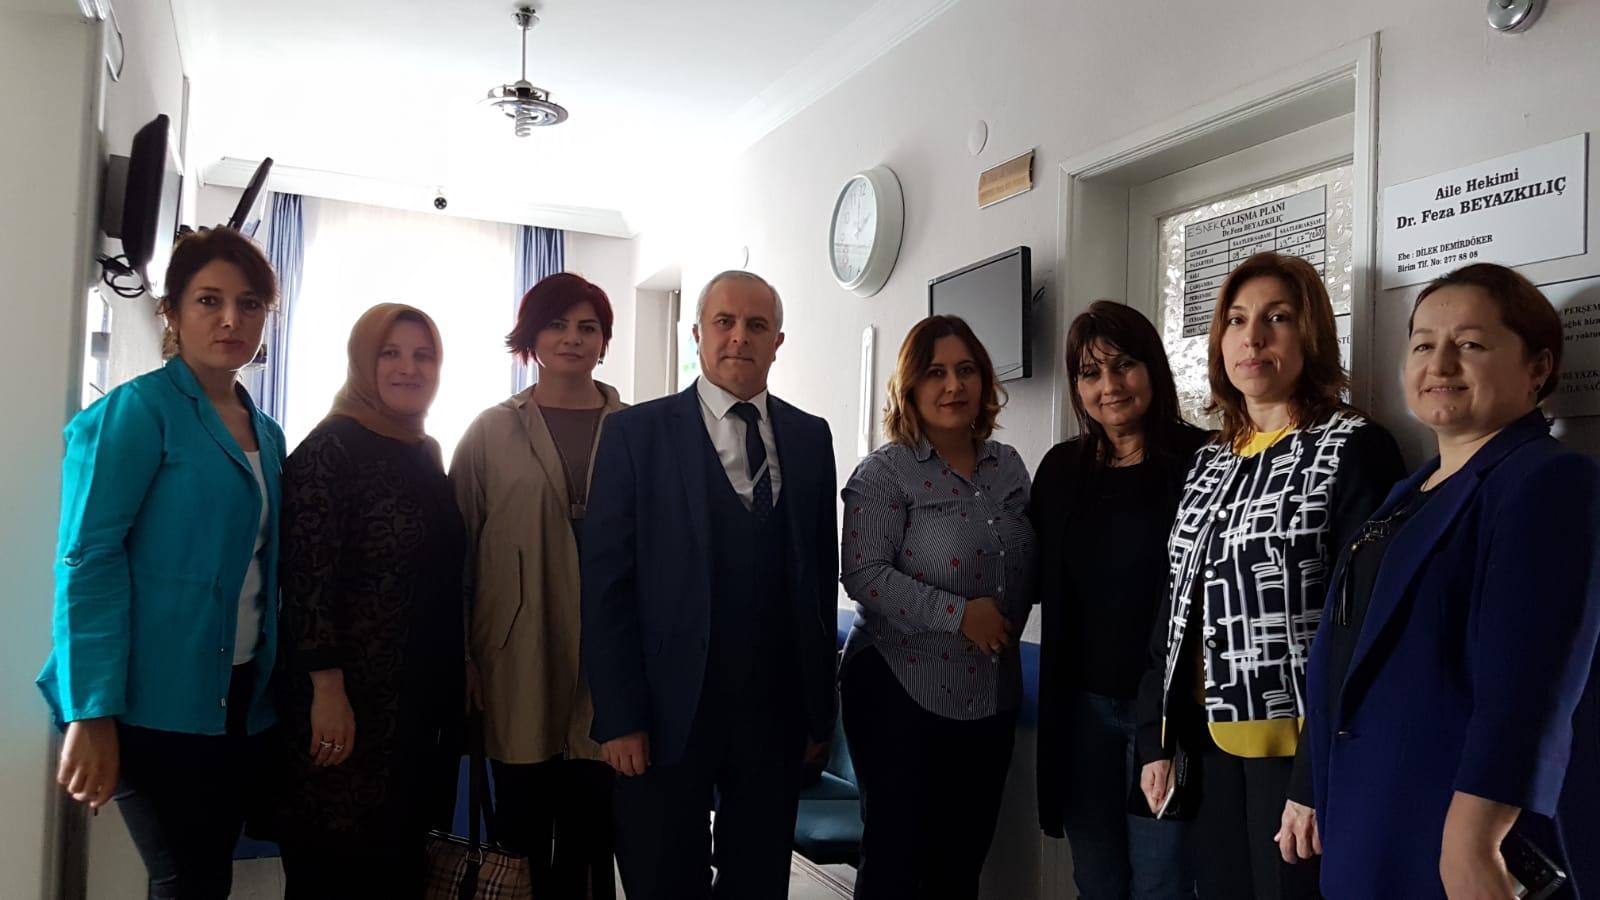 Halk Sağlığı Hizmetleri Başkanımız Dr.Selami Arslan Bir Dilek Tut Samsun; Kanser Tarih Olsun projesine desteklerinden Dolayı Aile Hekimlerimize Teşekkür Belgesi Takdim Etti